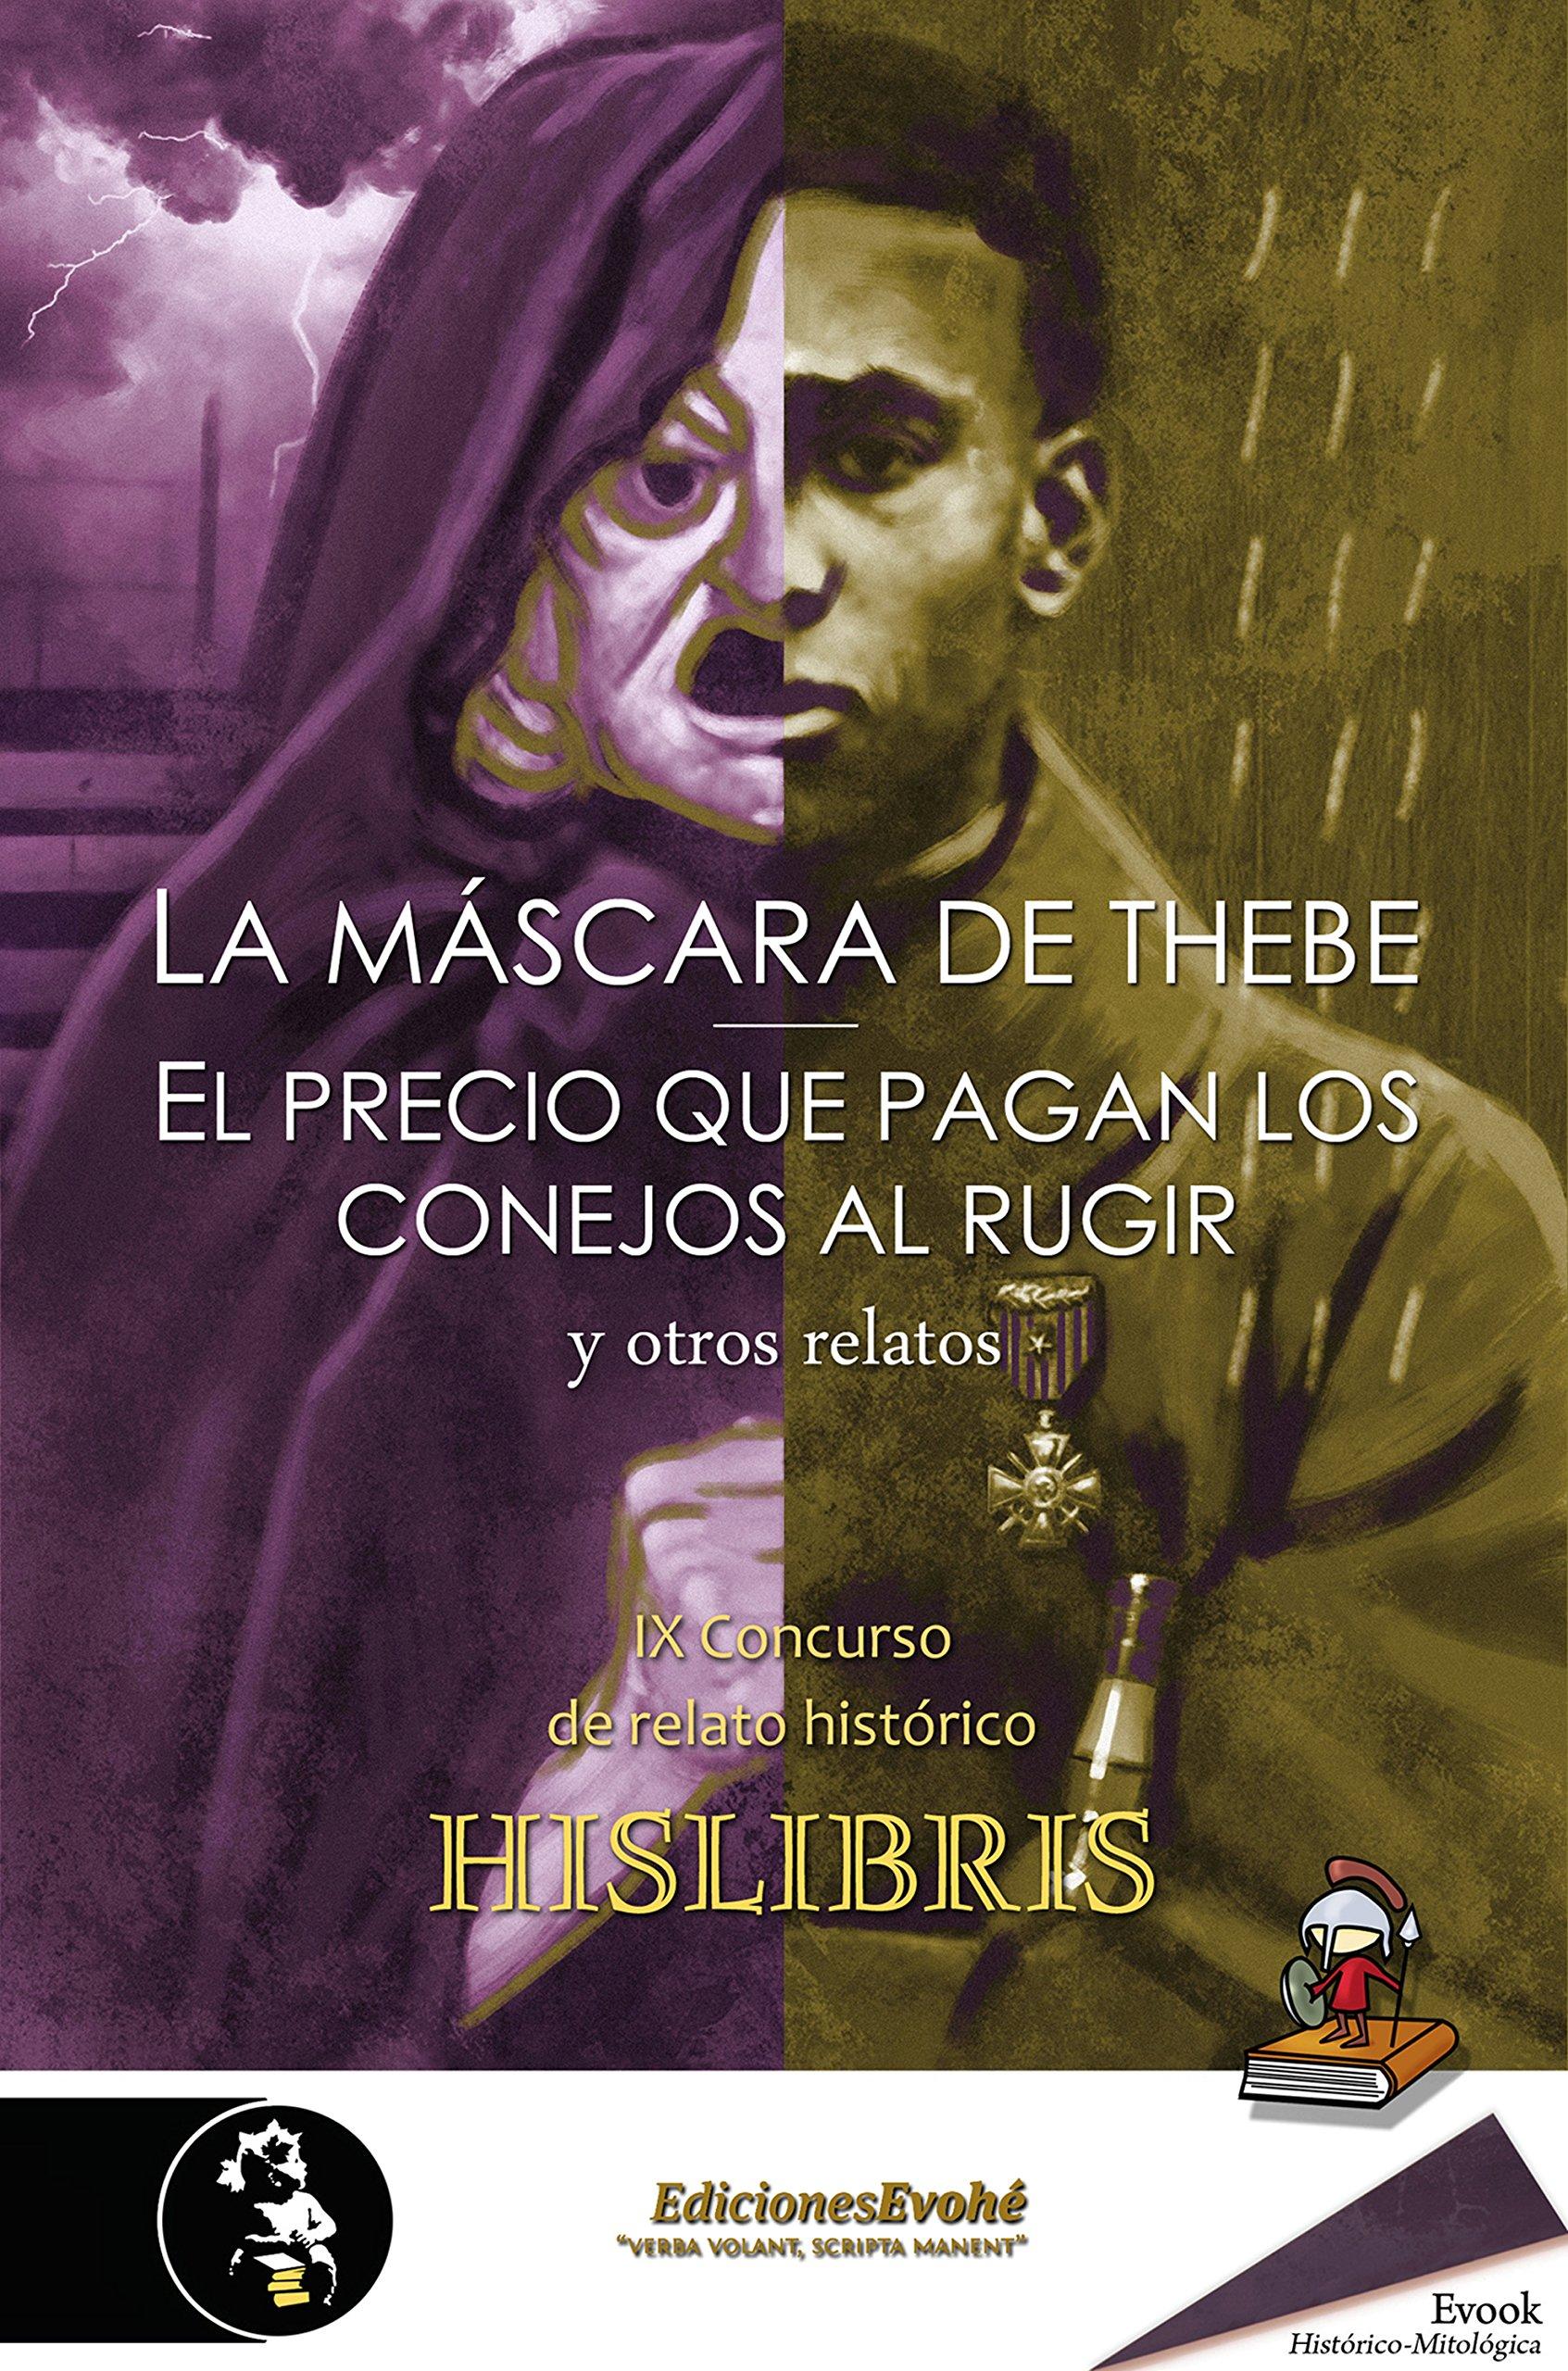 La máscara de Thebe El precio que pagan los conejos al rugir y otros relatos: IX Concurso de relato histórico Hislibris